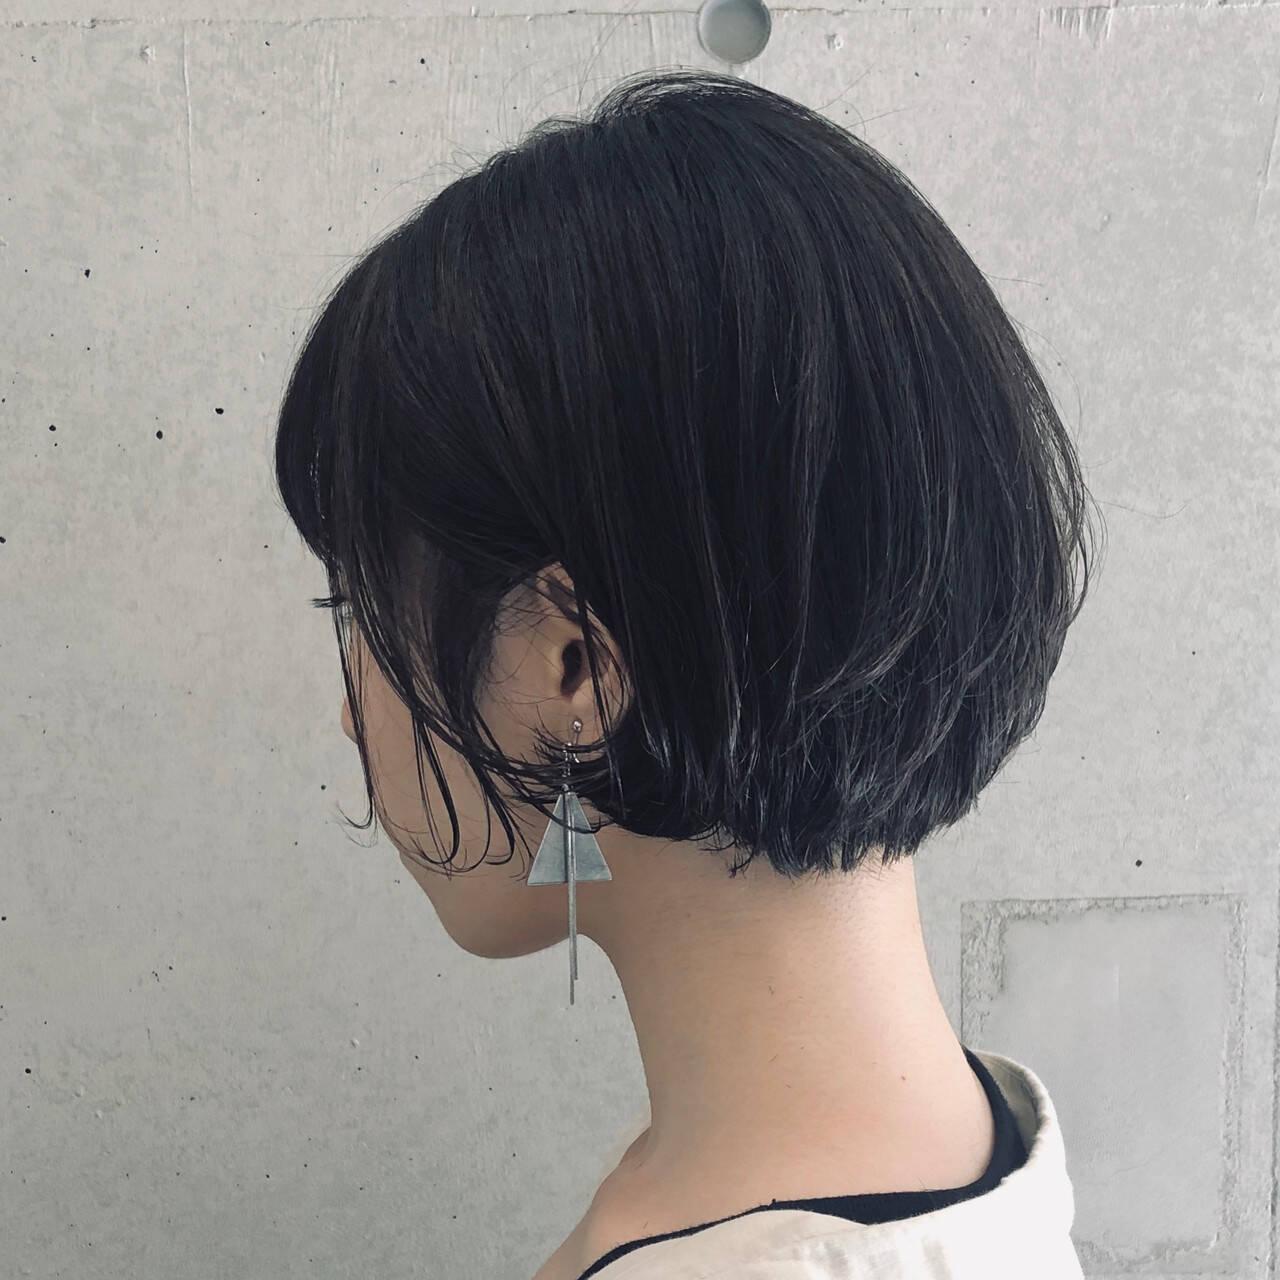 ショートパーマ ほつれウエーブ ショートボブ 大人女子ヘアスタイルや髪型の写真・画像